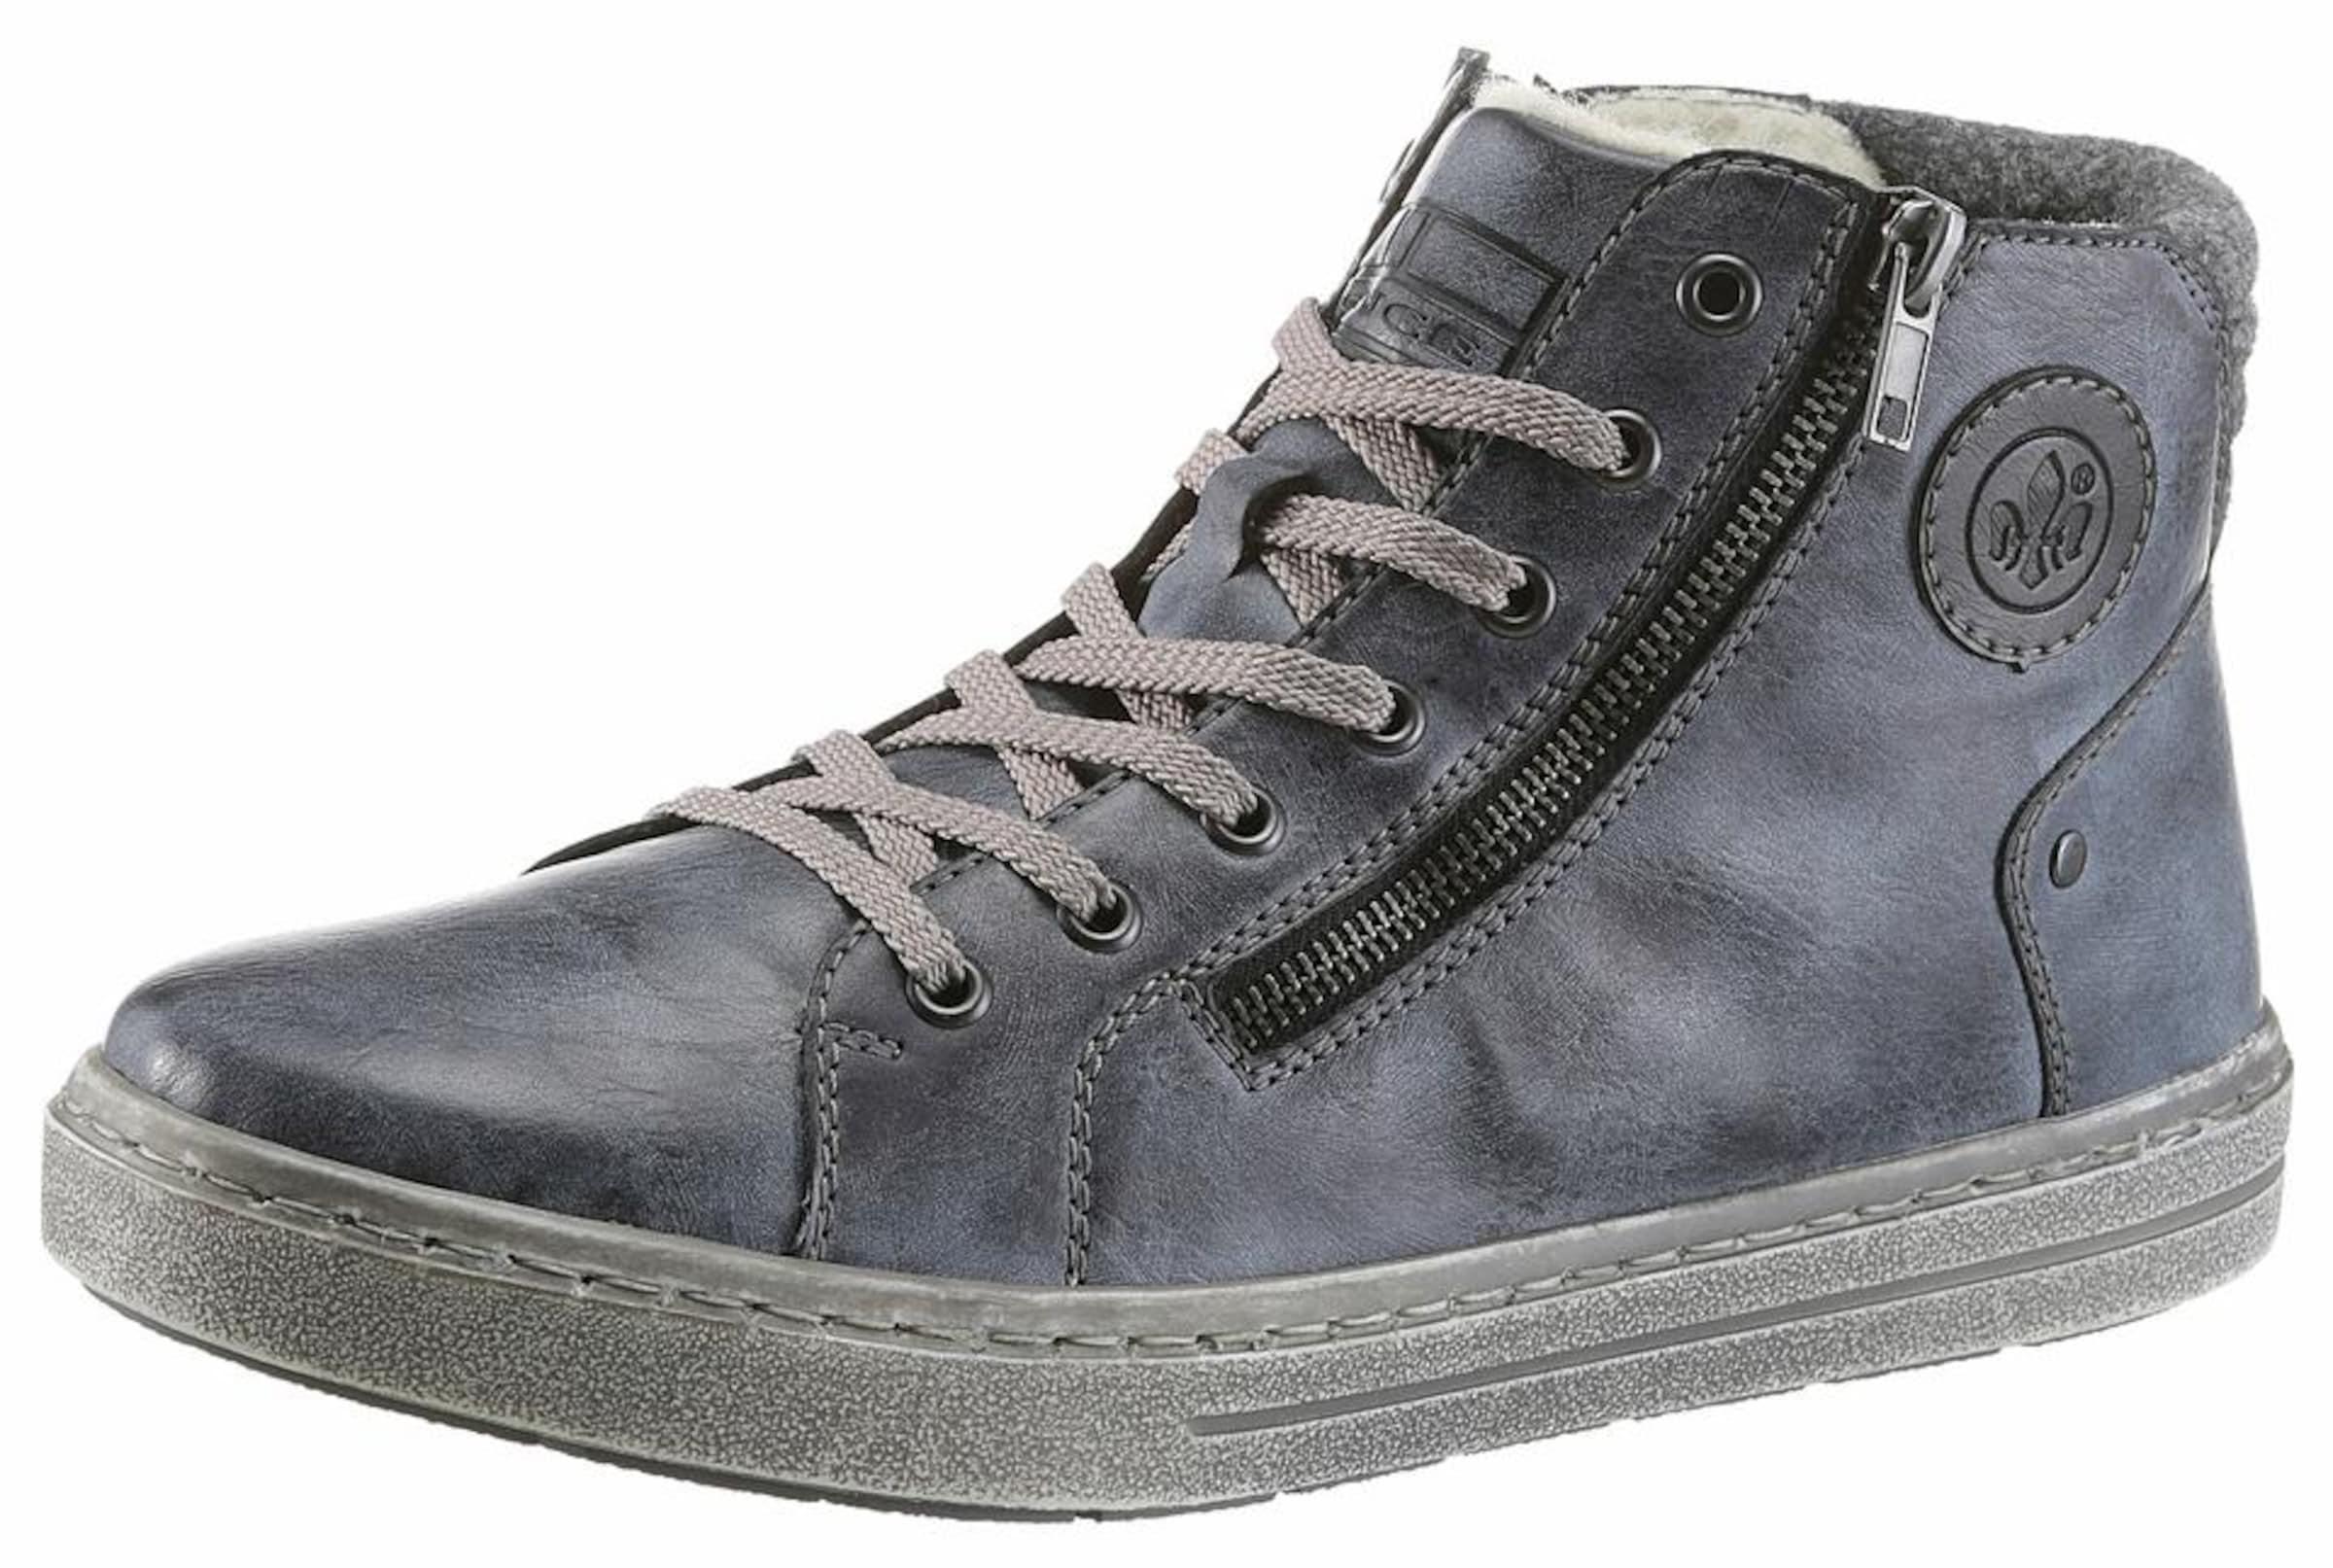 RIEKER Sneakers Verschleißfeste billige Schuhe Hohe Qualität